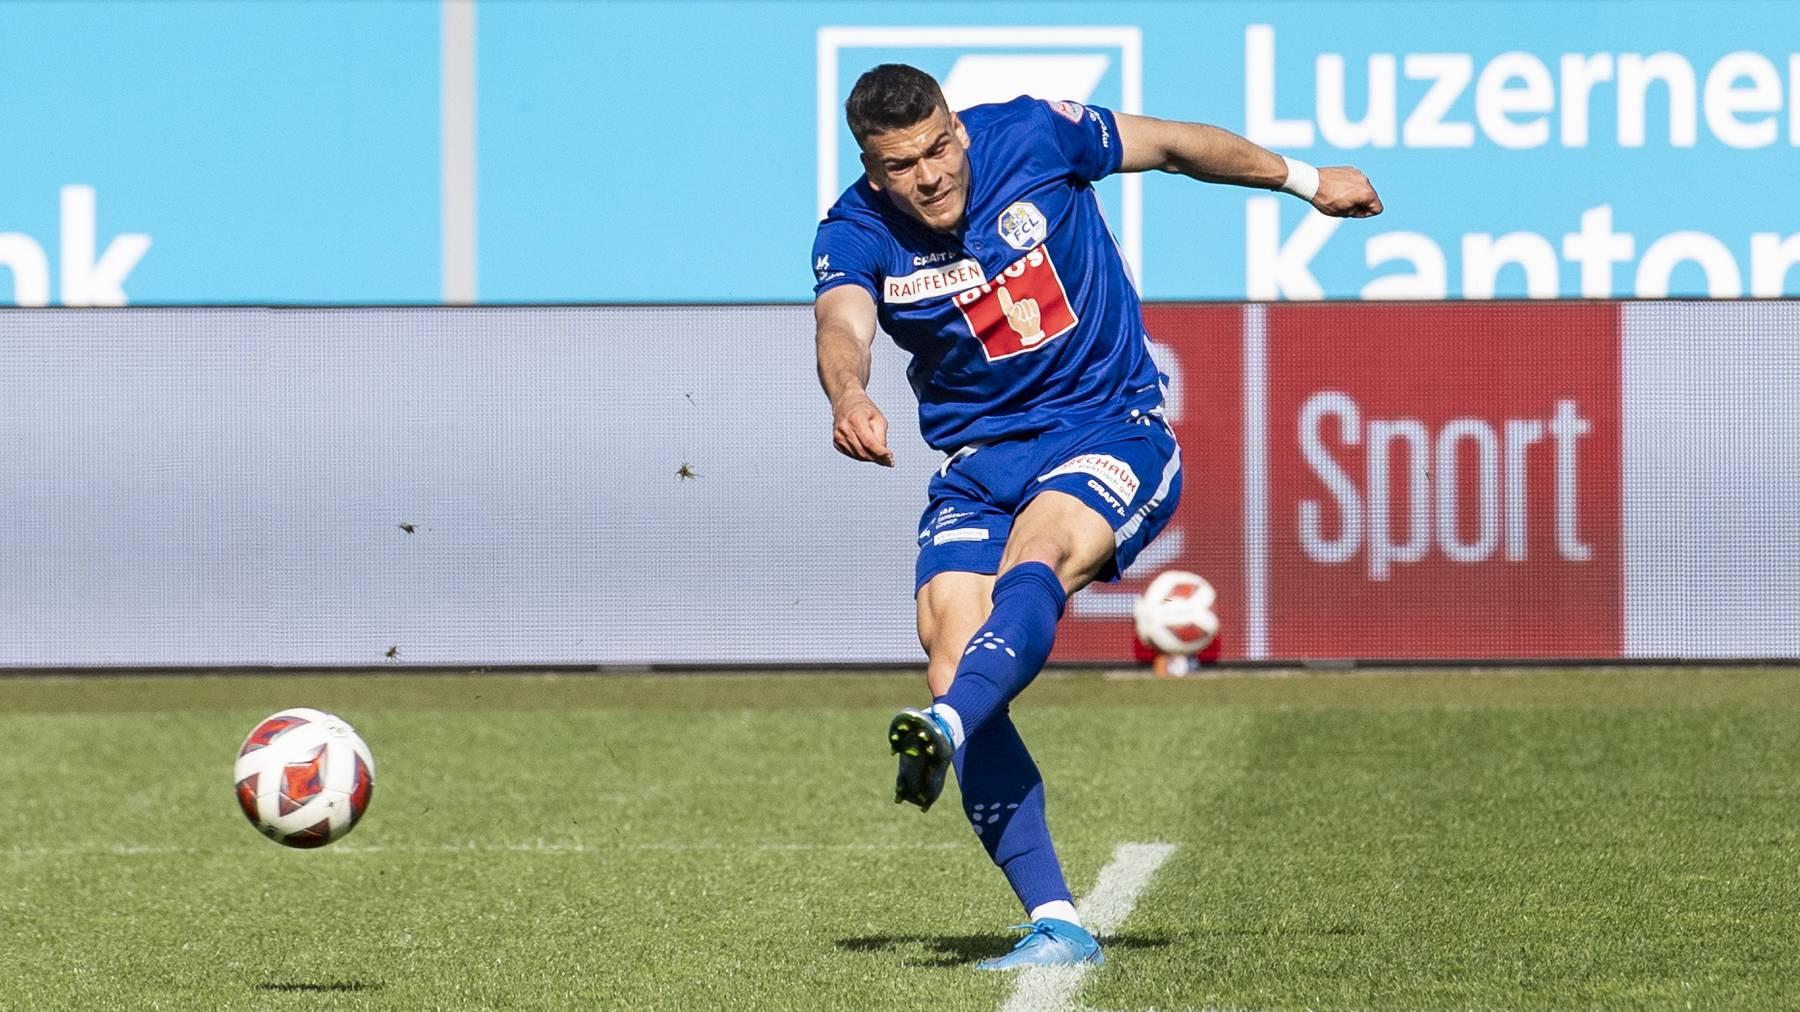 Filip Ugrinic von Luzern schiesst das Tor zum 1:0 beim Super League Meisterschaftsspiel zwischen dem FC Luzern und dem Servette FC vom Sonntag, 9. Mai 2021 in Luzern.